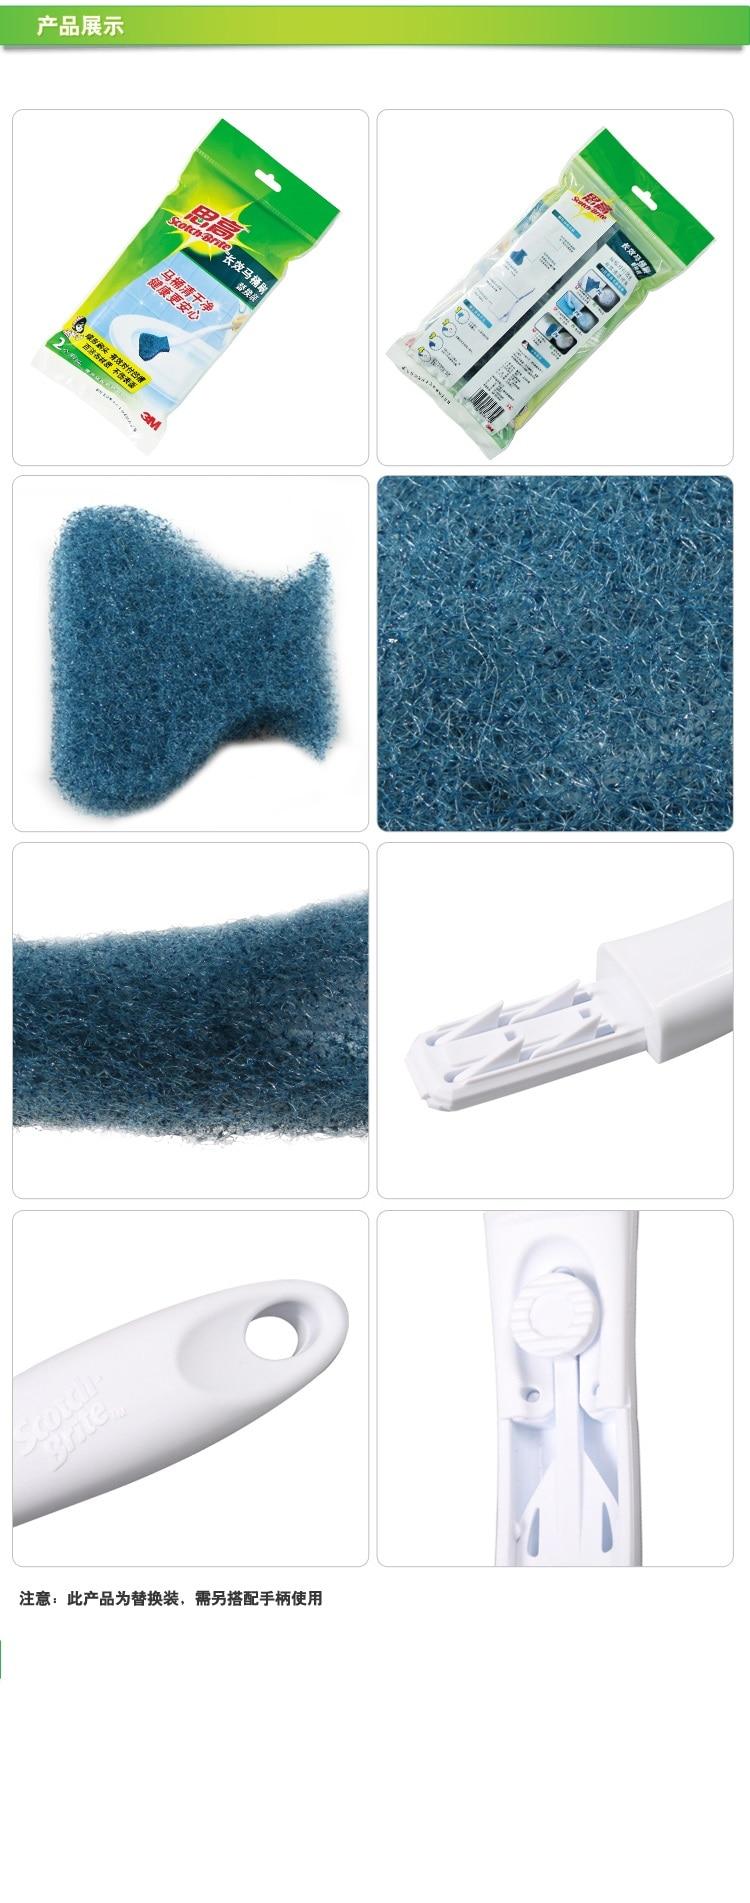 فرشاة مرحاض طويلة المفعول للاستعمال مرة واحدة